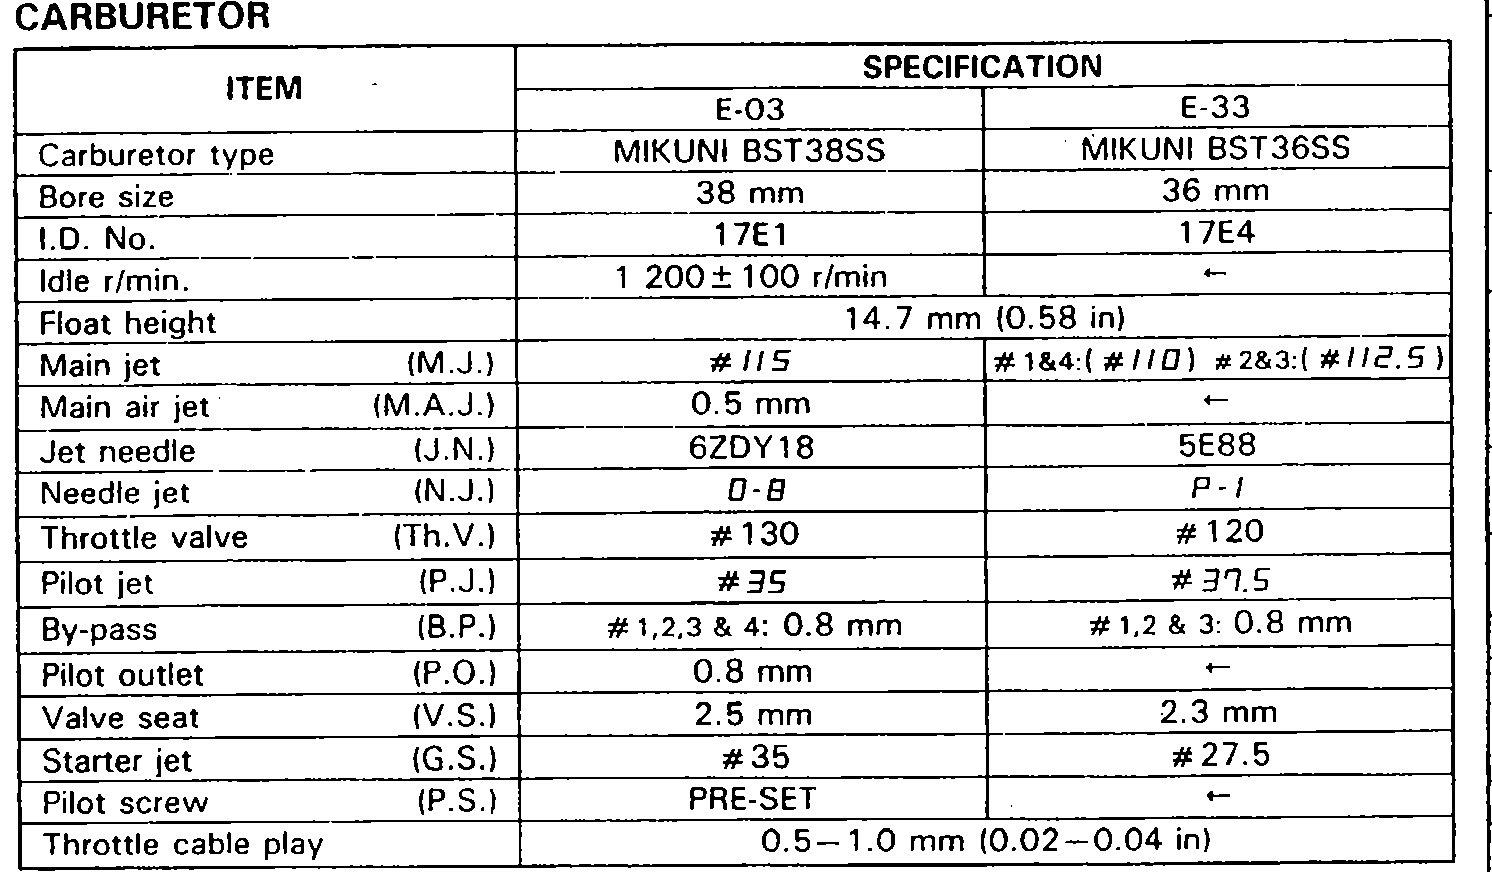 1996 gsxr 1100 carbs